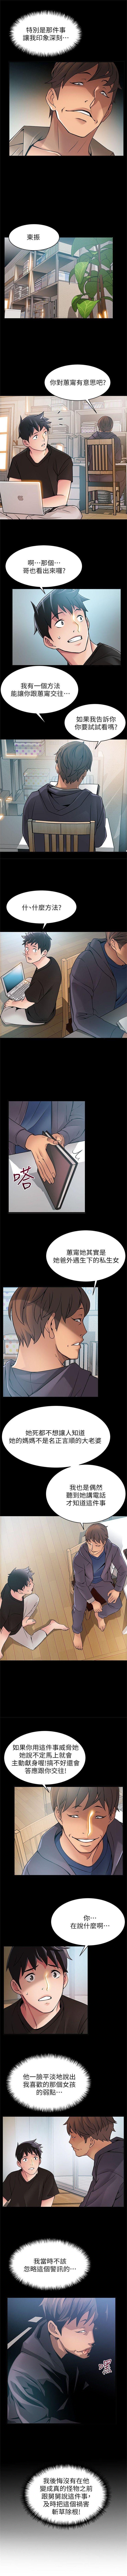 弱点 1-64 中文翻译(更新中) 141